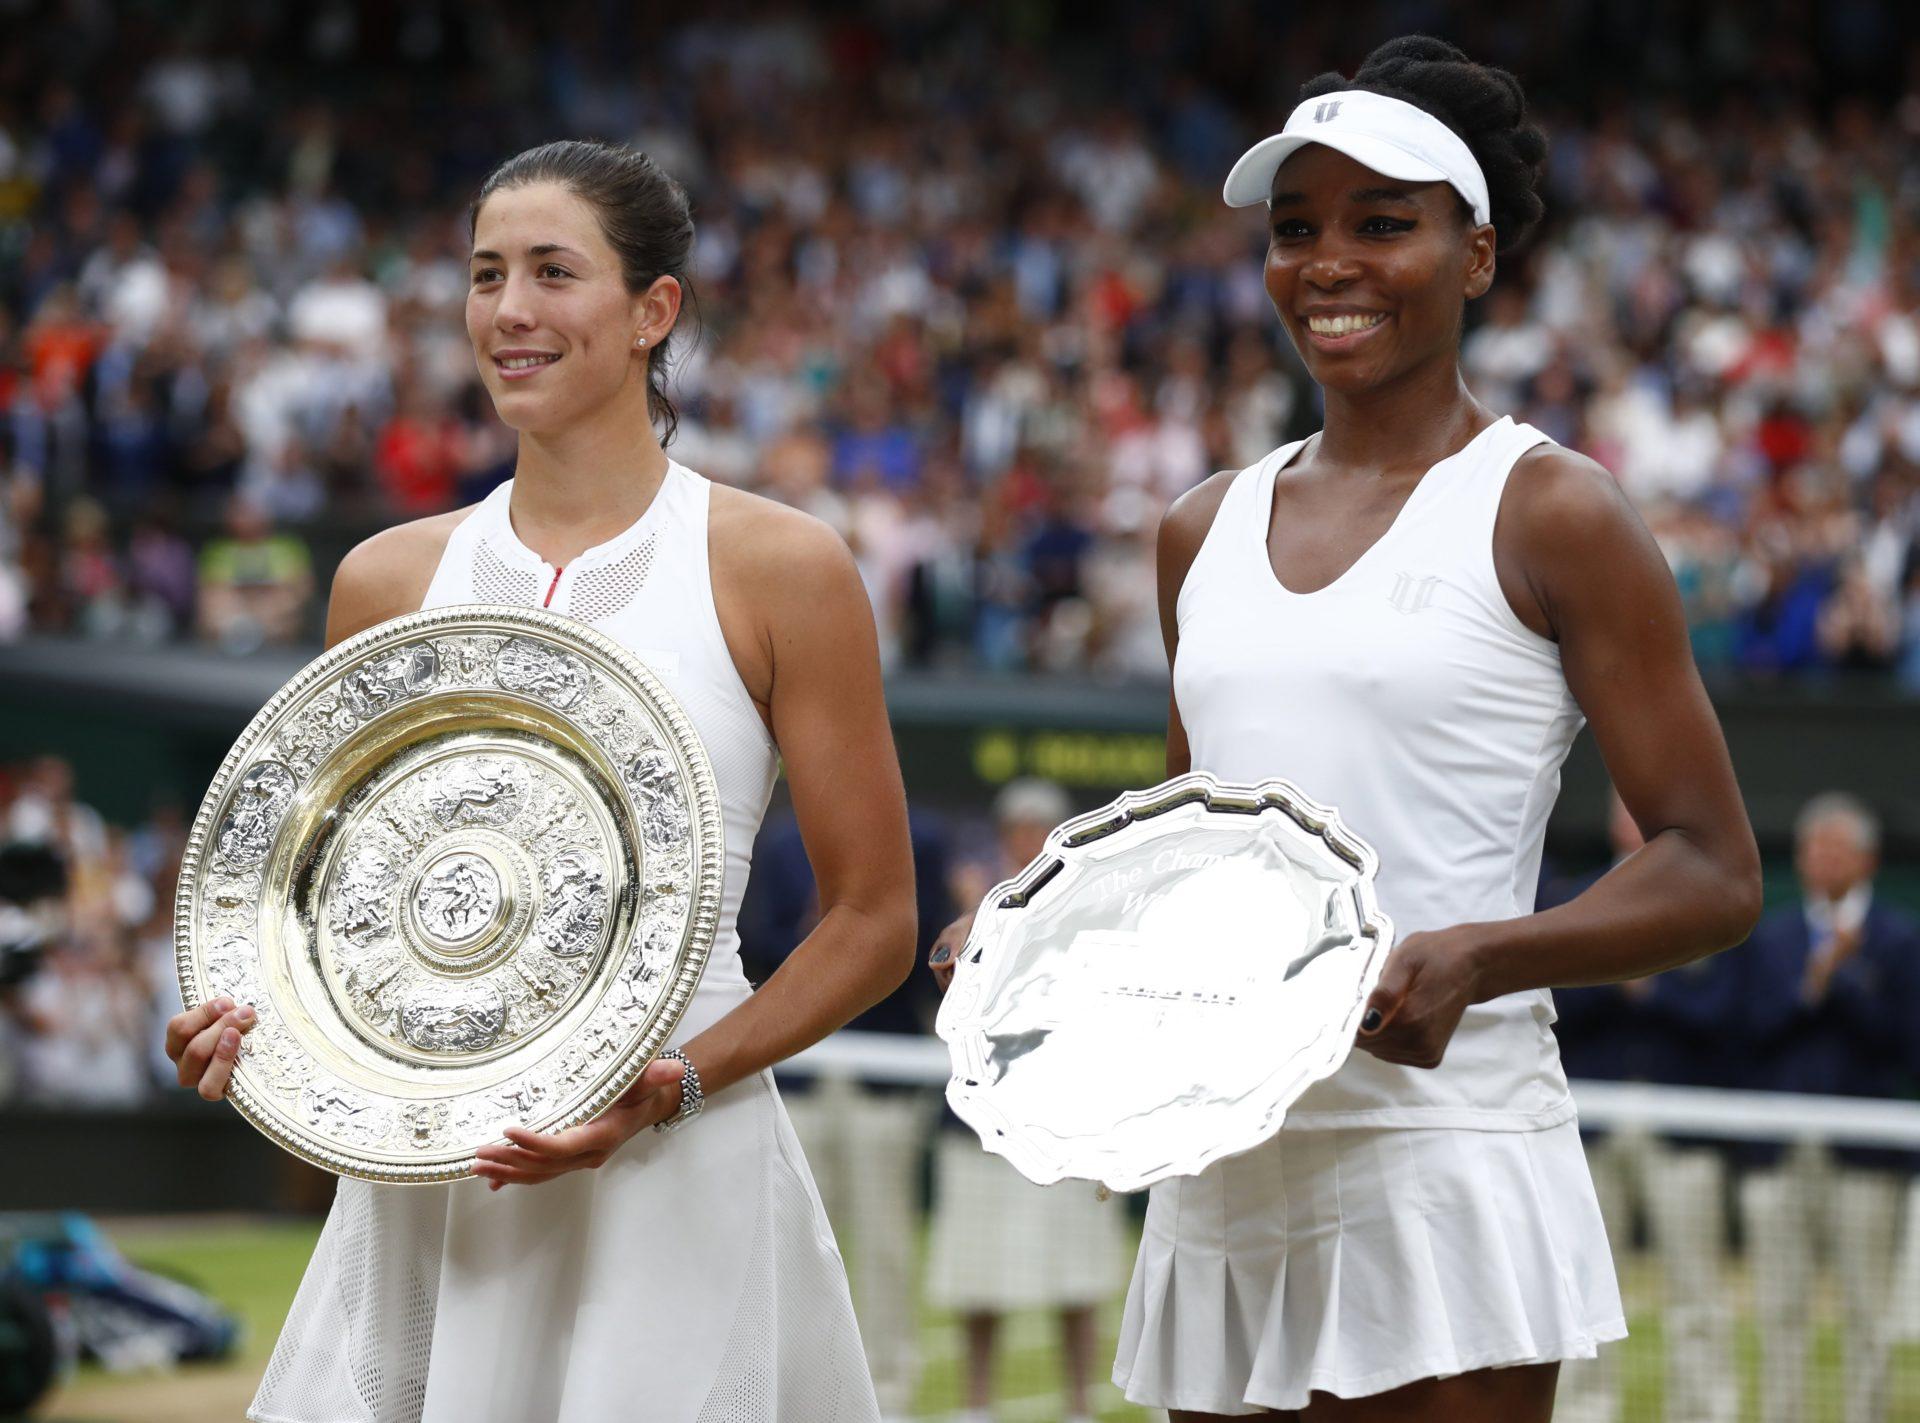 Garbiñe Muguruza posa con el trofeo de campeona de Wimbledon junto a Venus Williams